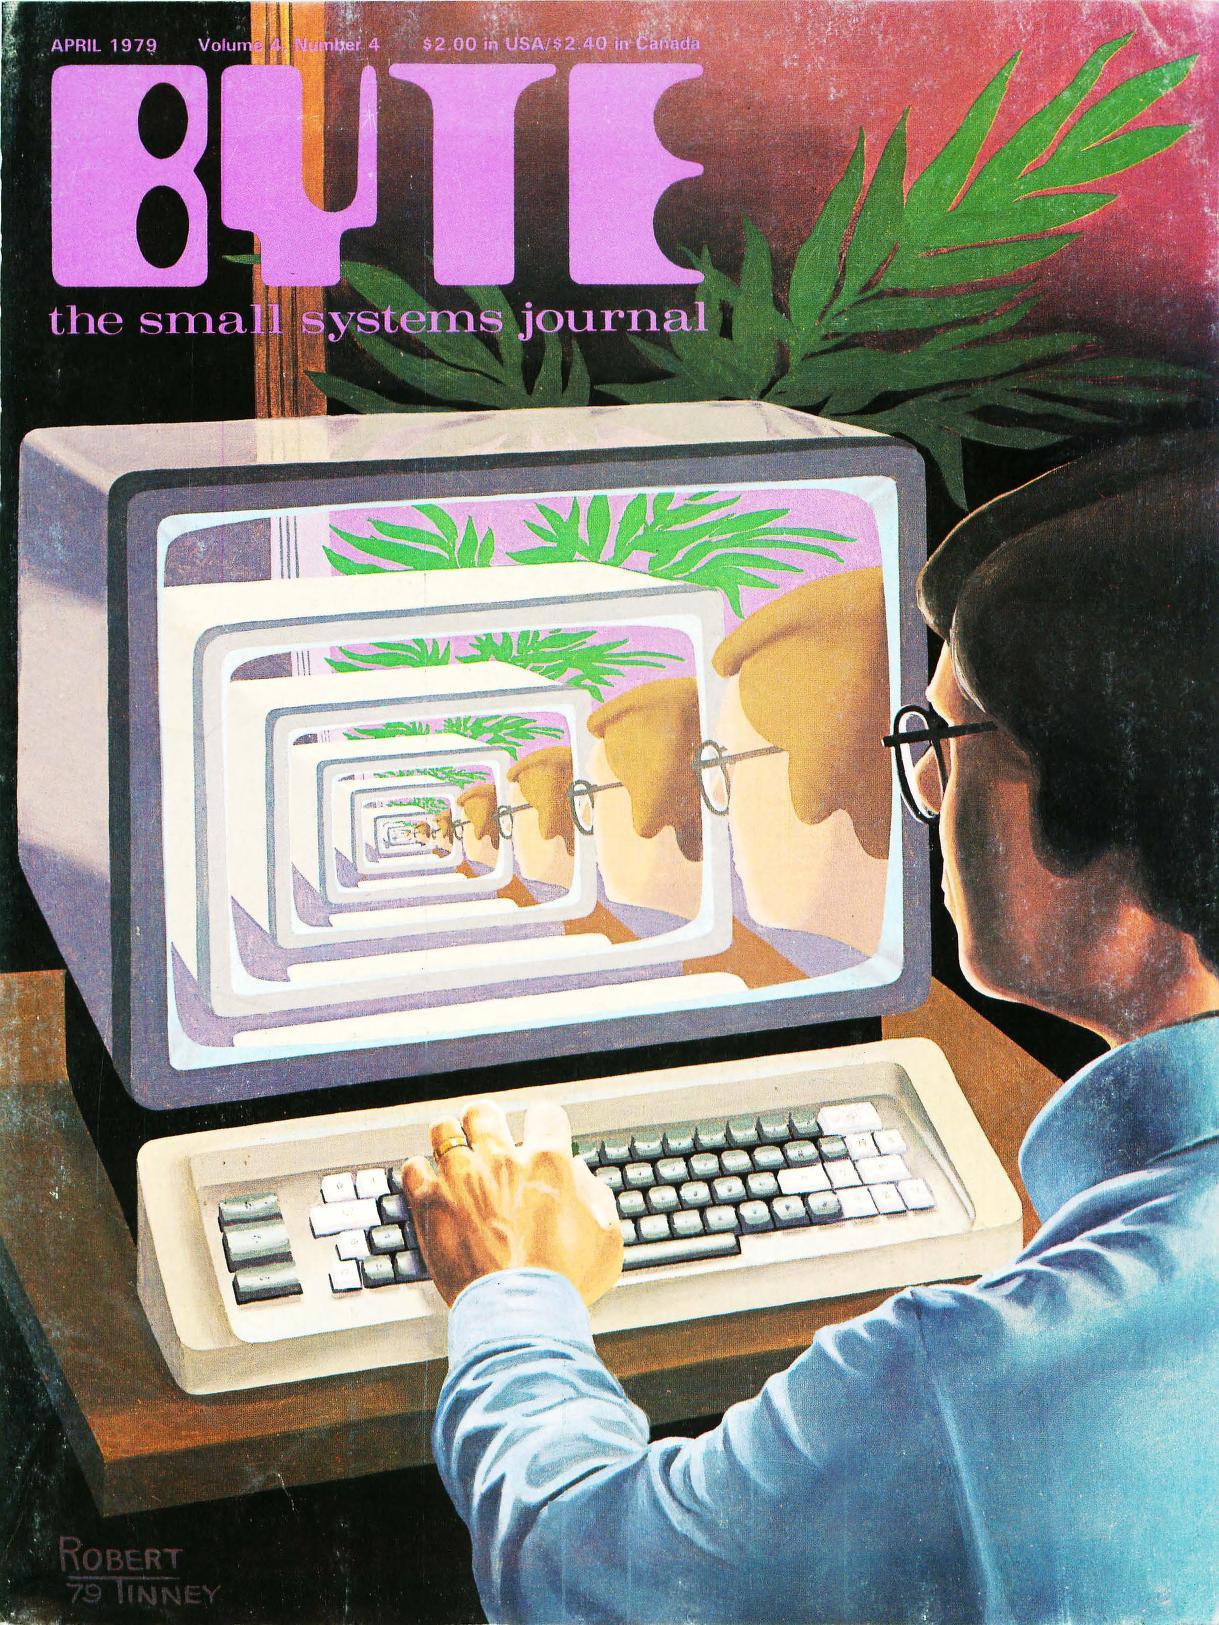 April 1979. Malt av Robert Tinney. Dette bladet inneholder artikler om programmer ment å simulere ulike aspekter av virkeligheten (fra gasser til galakser).